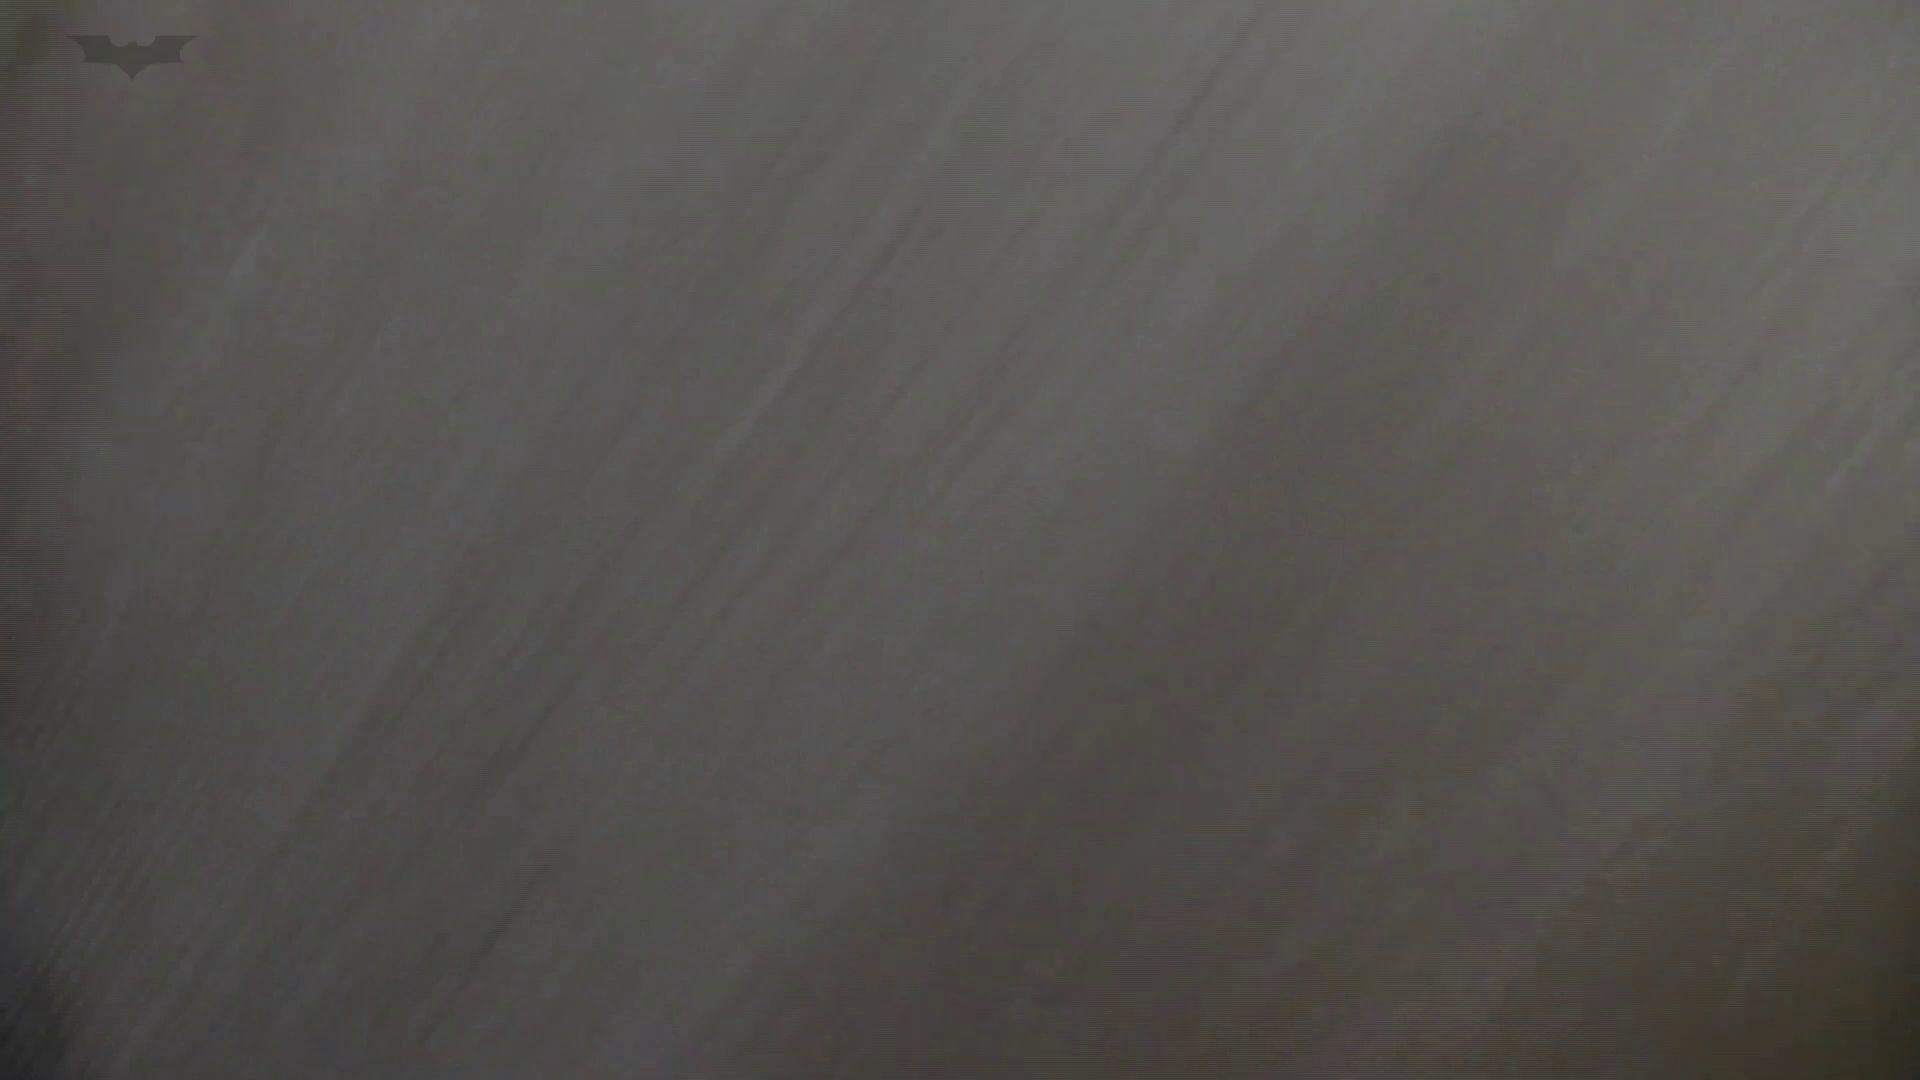 和式洋式七変化 Vol.31 洋式だけど丸見えですっ!! お姉さんのSEX   和式便所  104枚 43